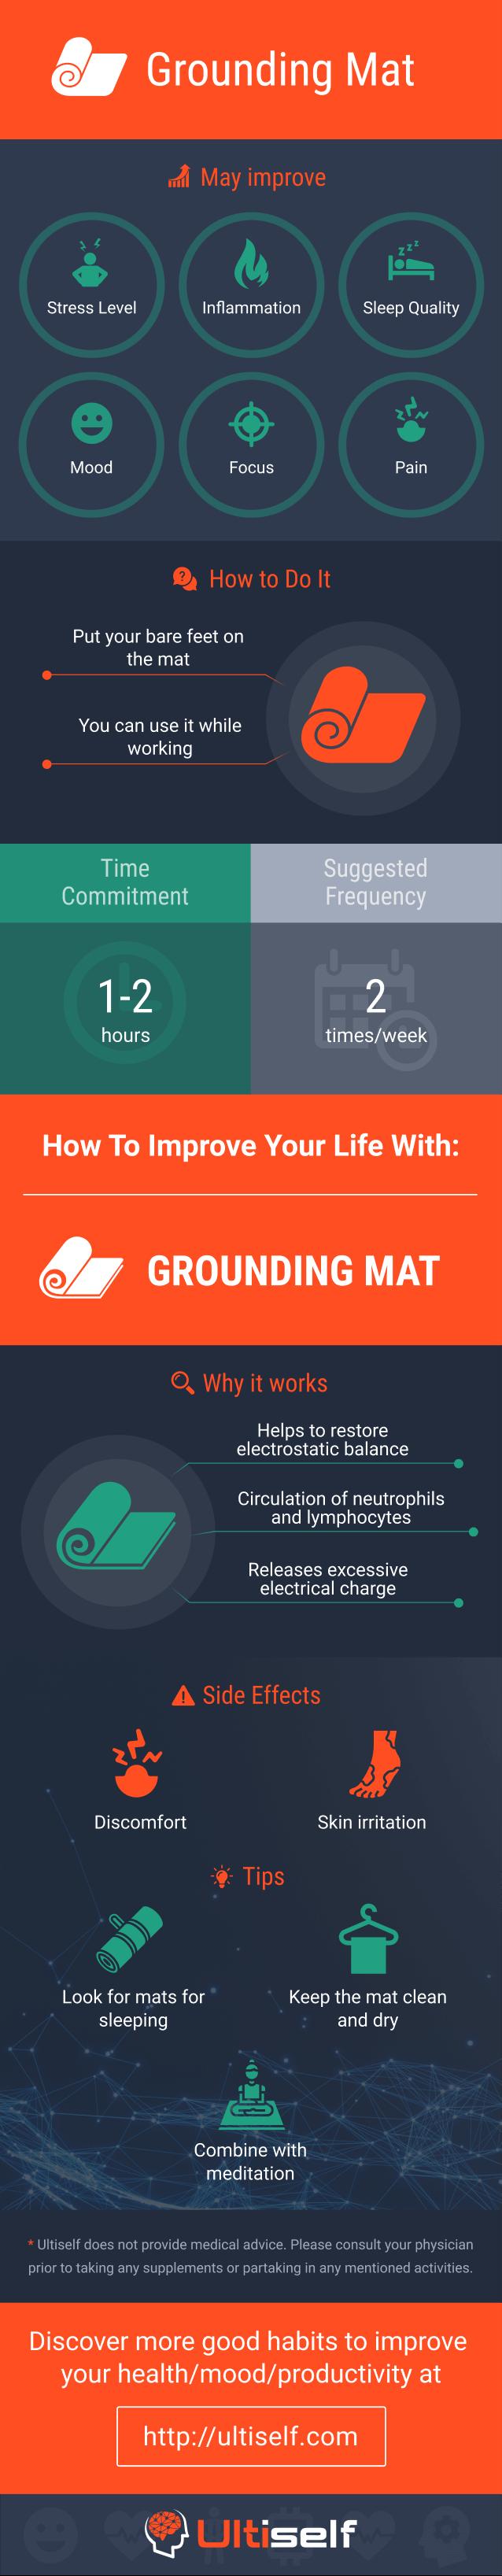 Grounding Mat infographic